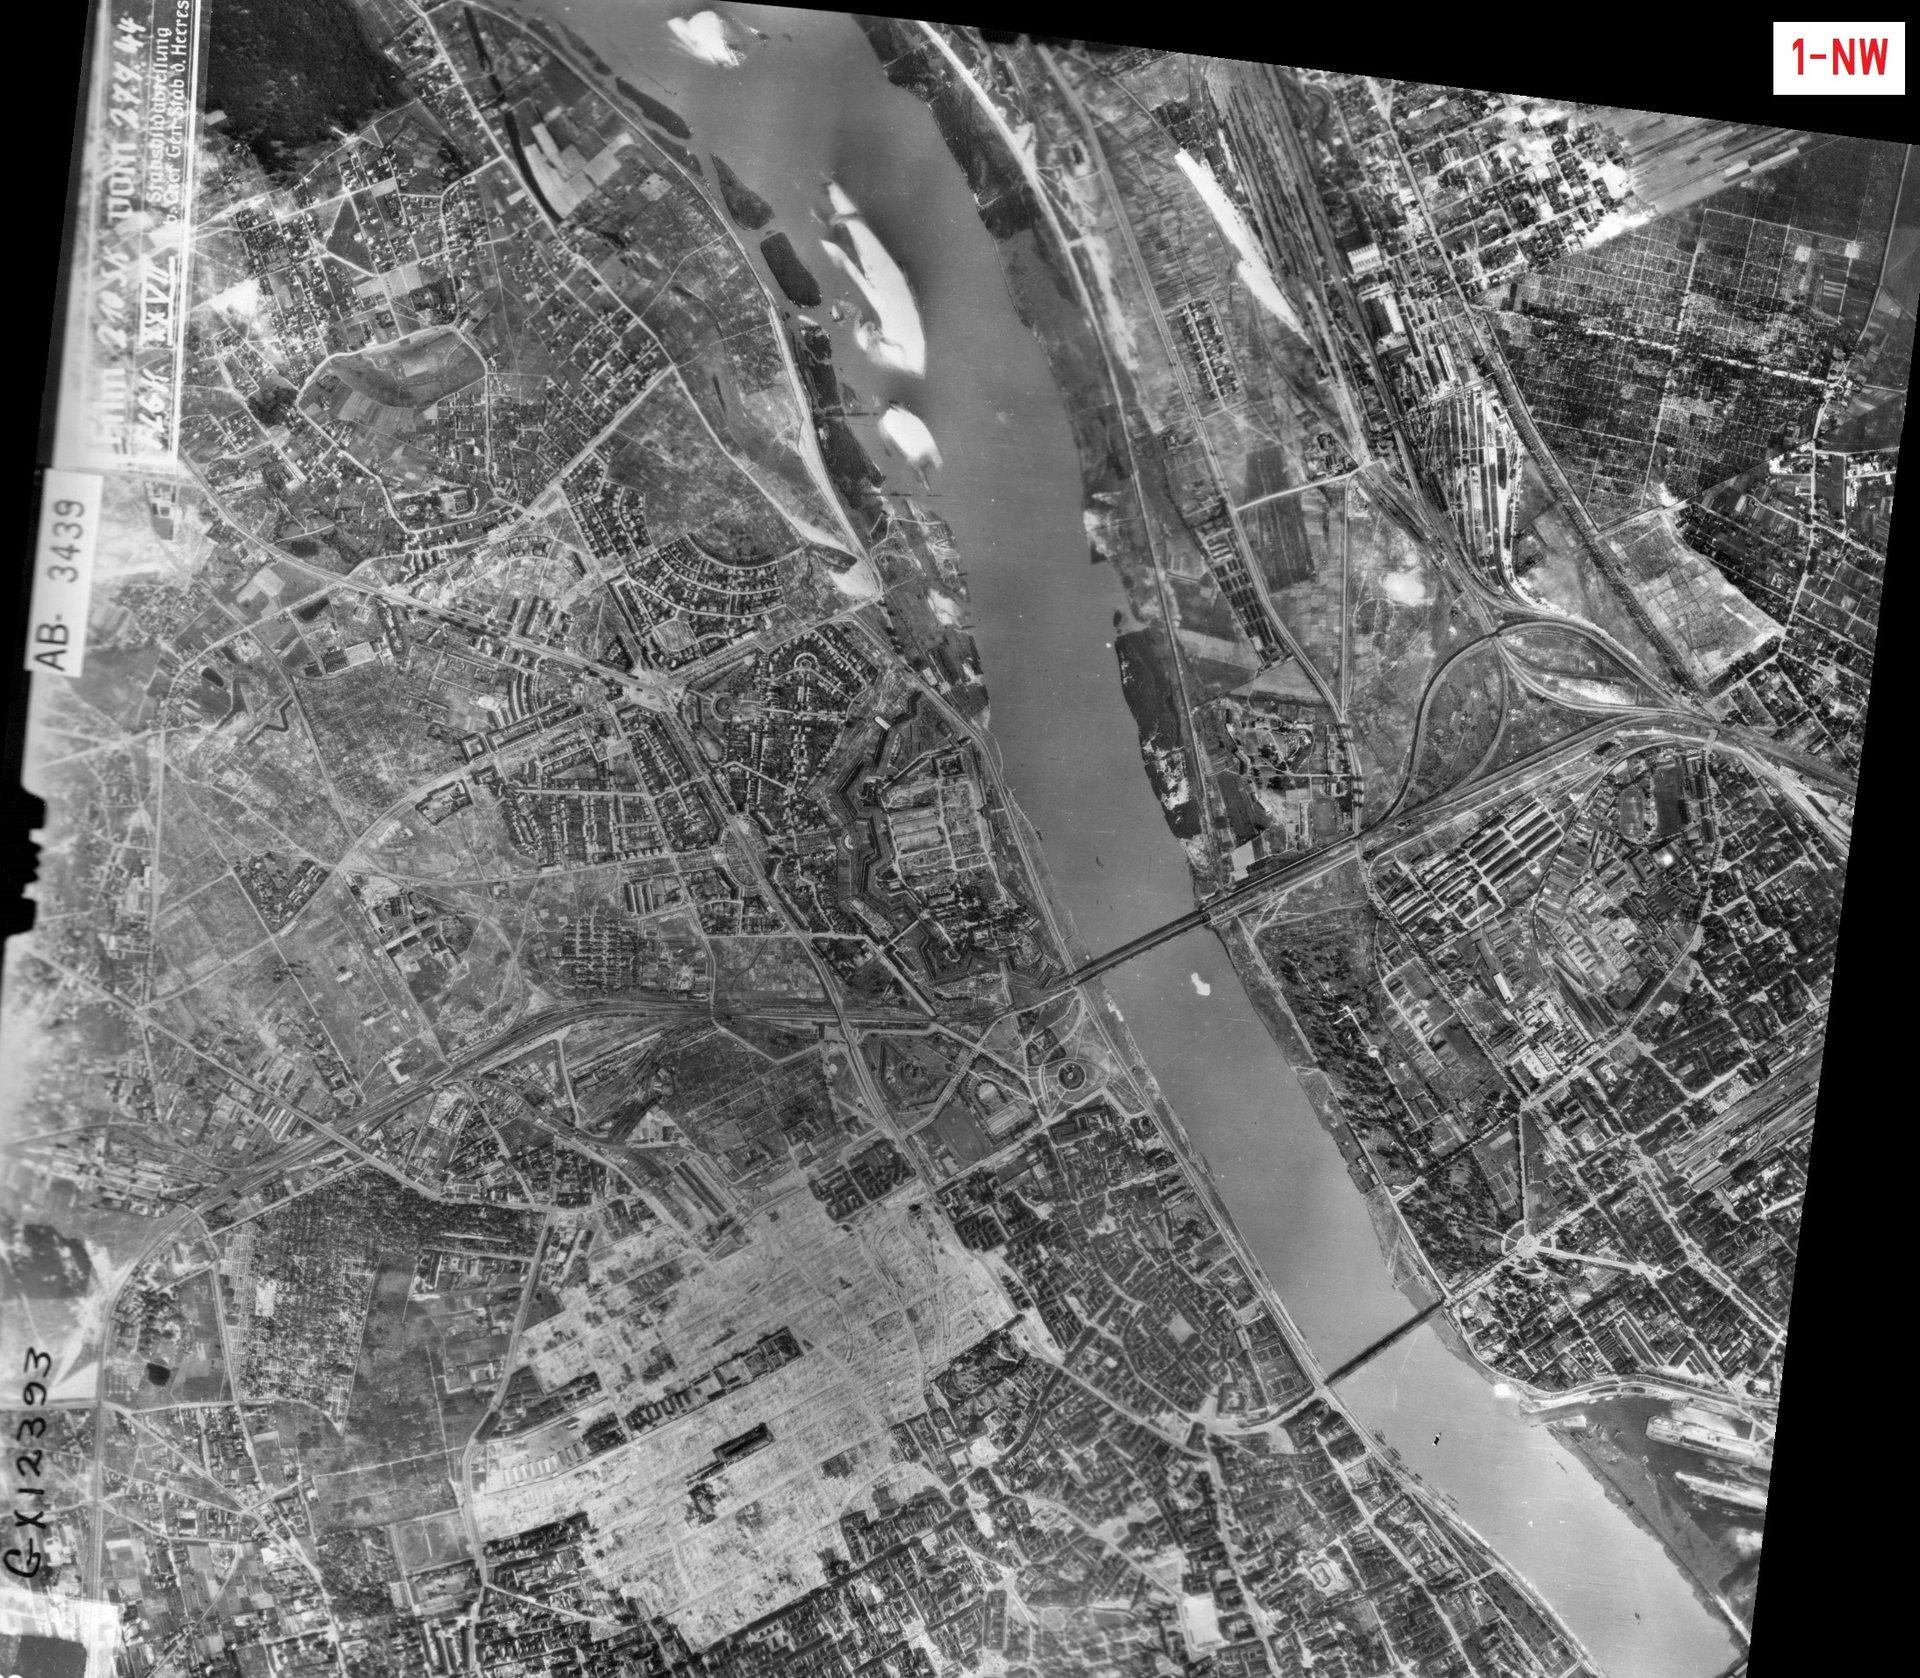 Zdjęcie lotnicze Luftwaffe - Warszawa 27.07.1944 (1-NW).jpg